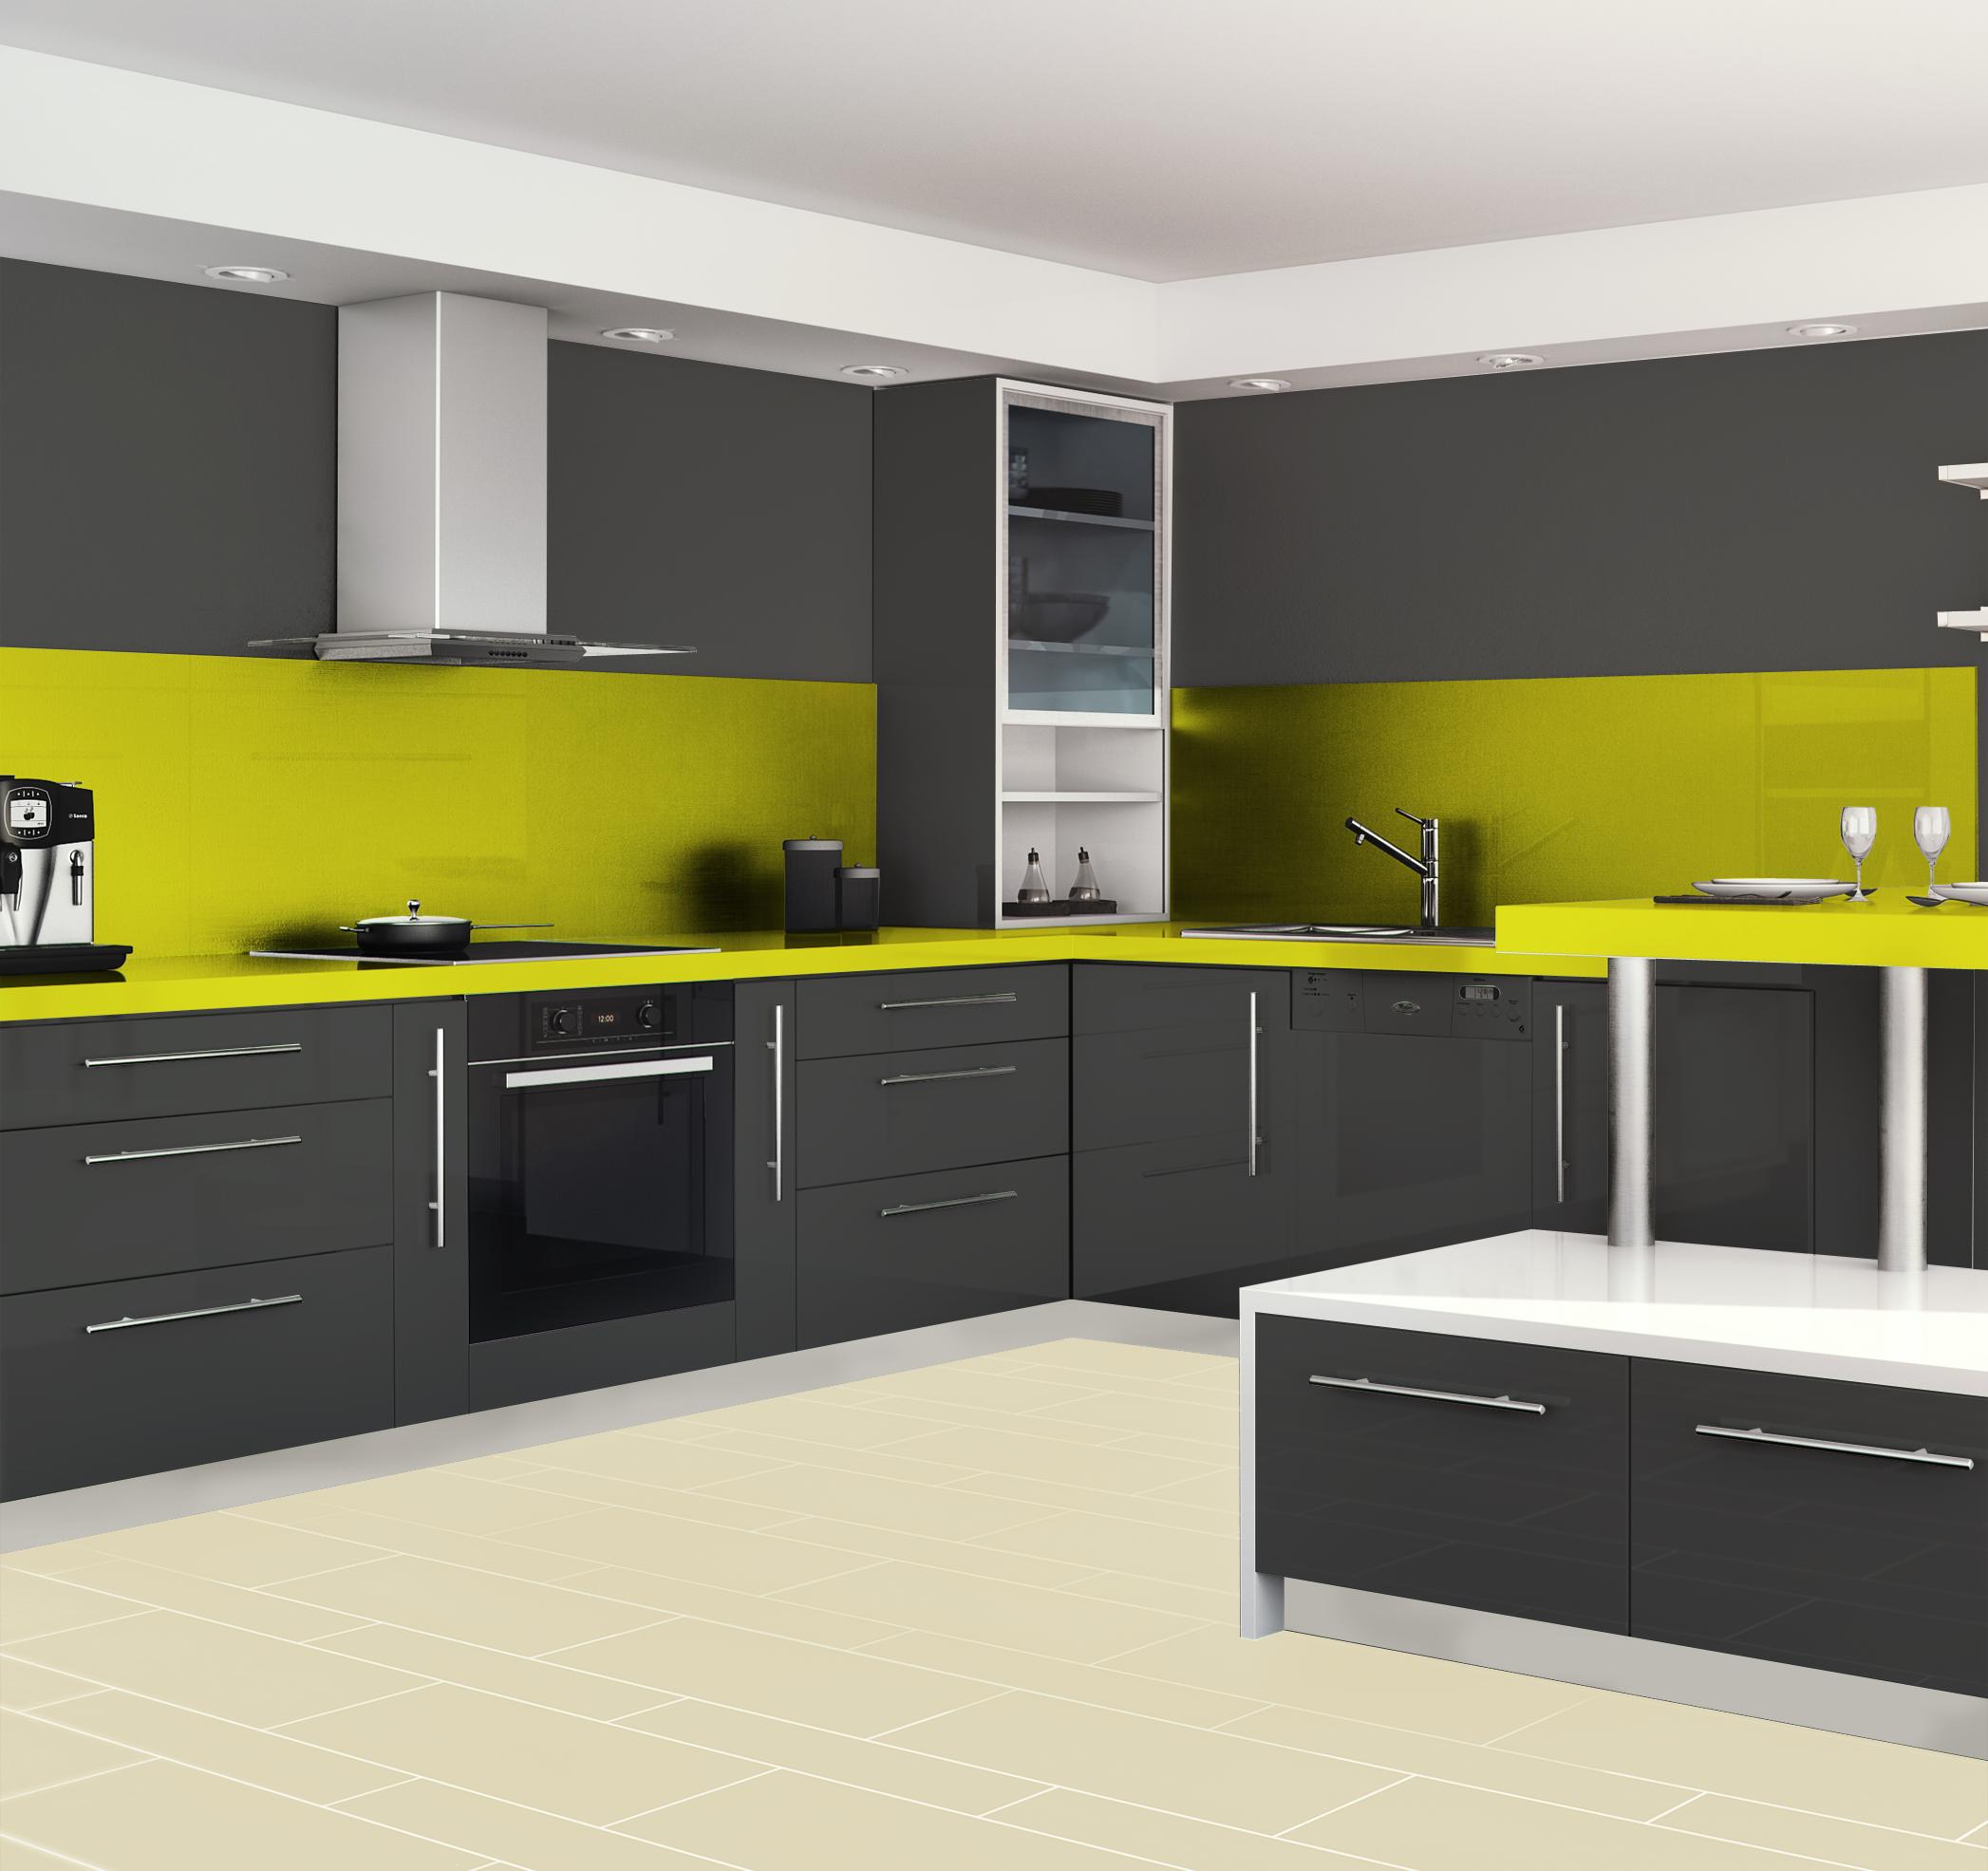 esprit urbain simulation avec la teinte gris pavot. Black Bedroom Furniture Sets. Home Design Ideas